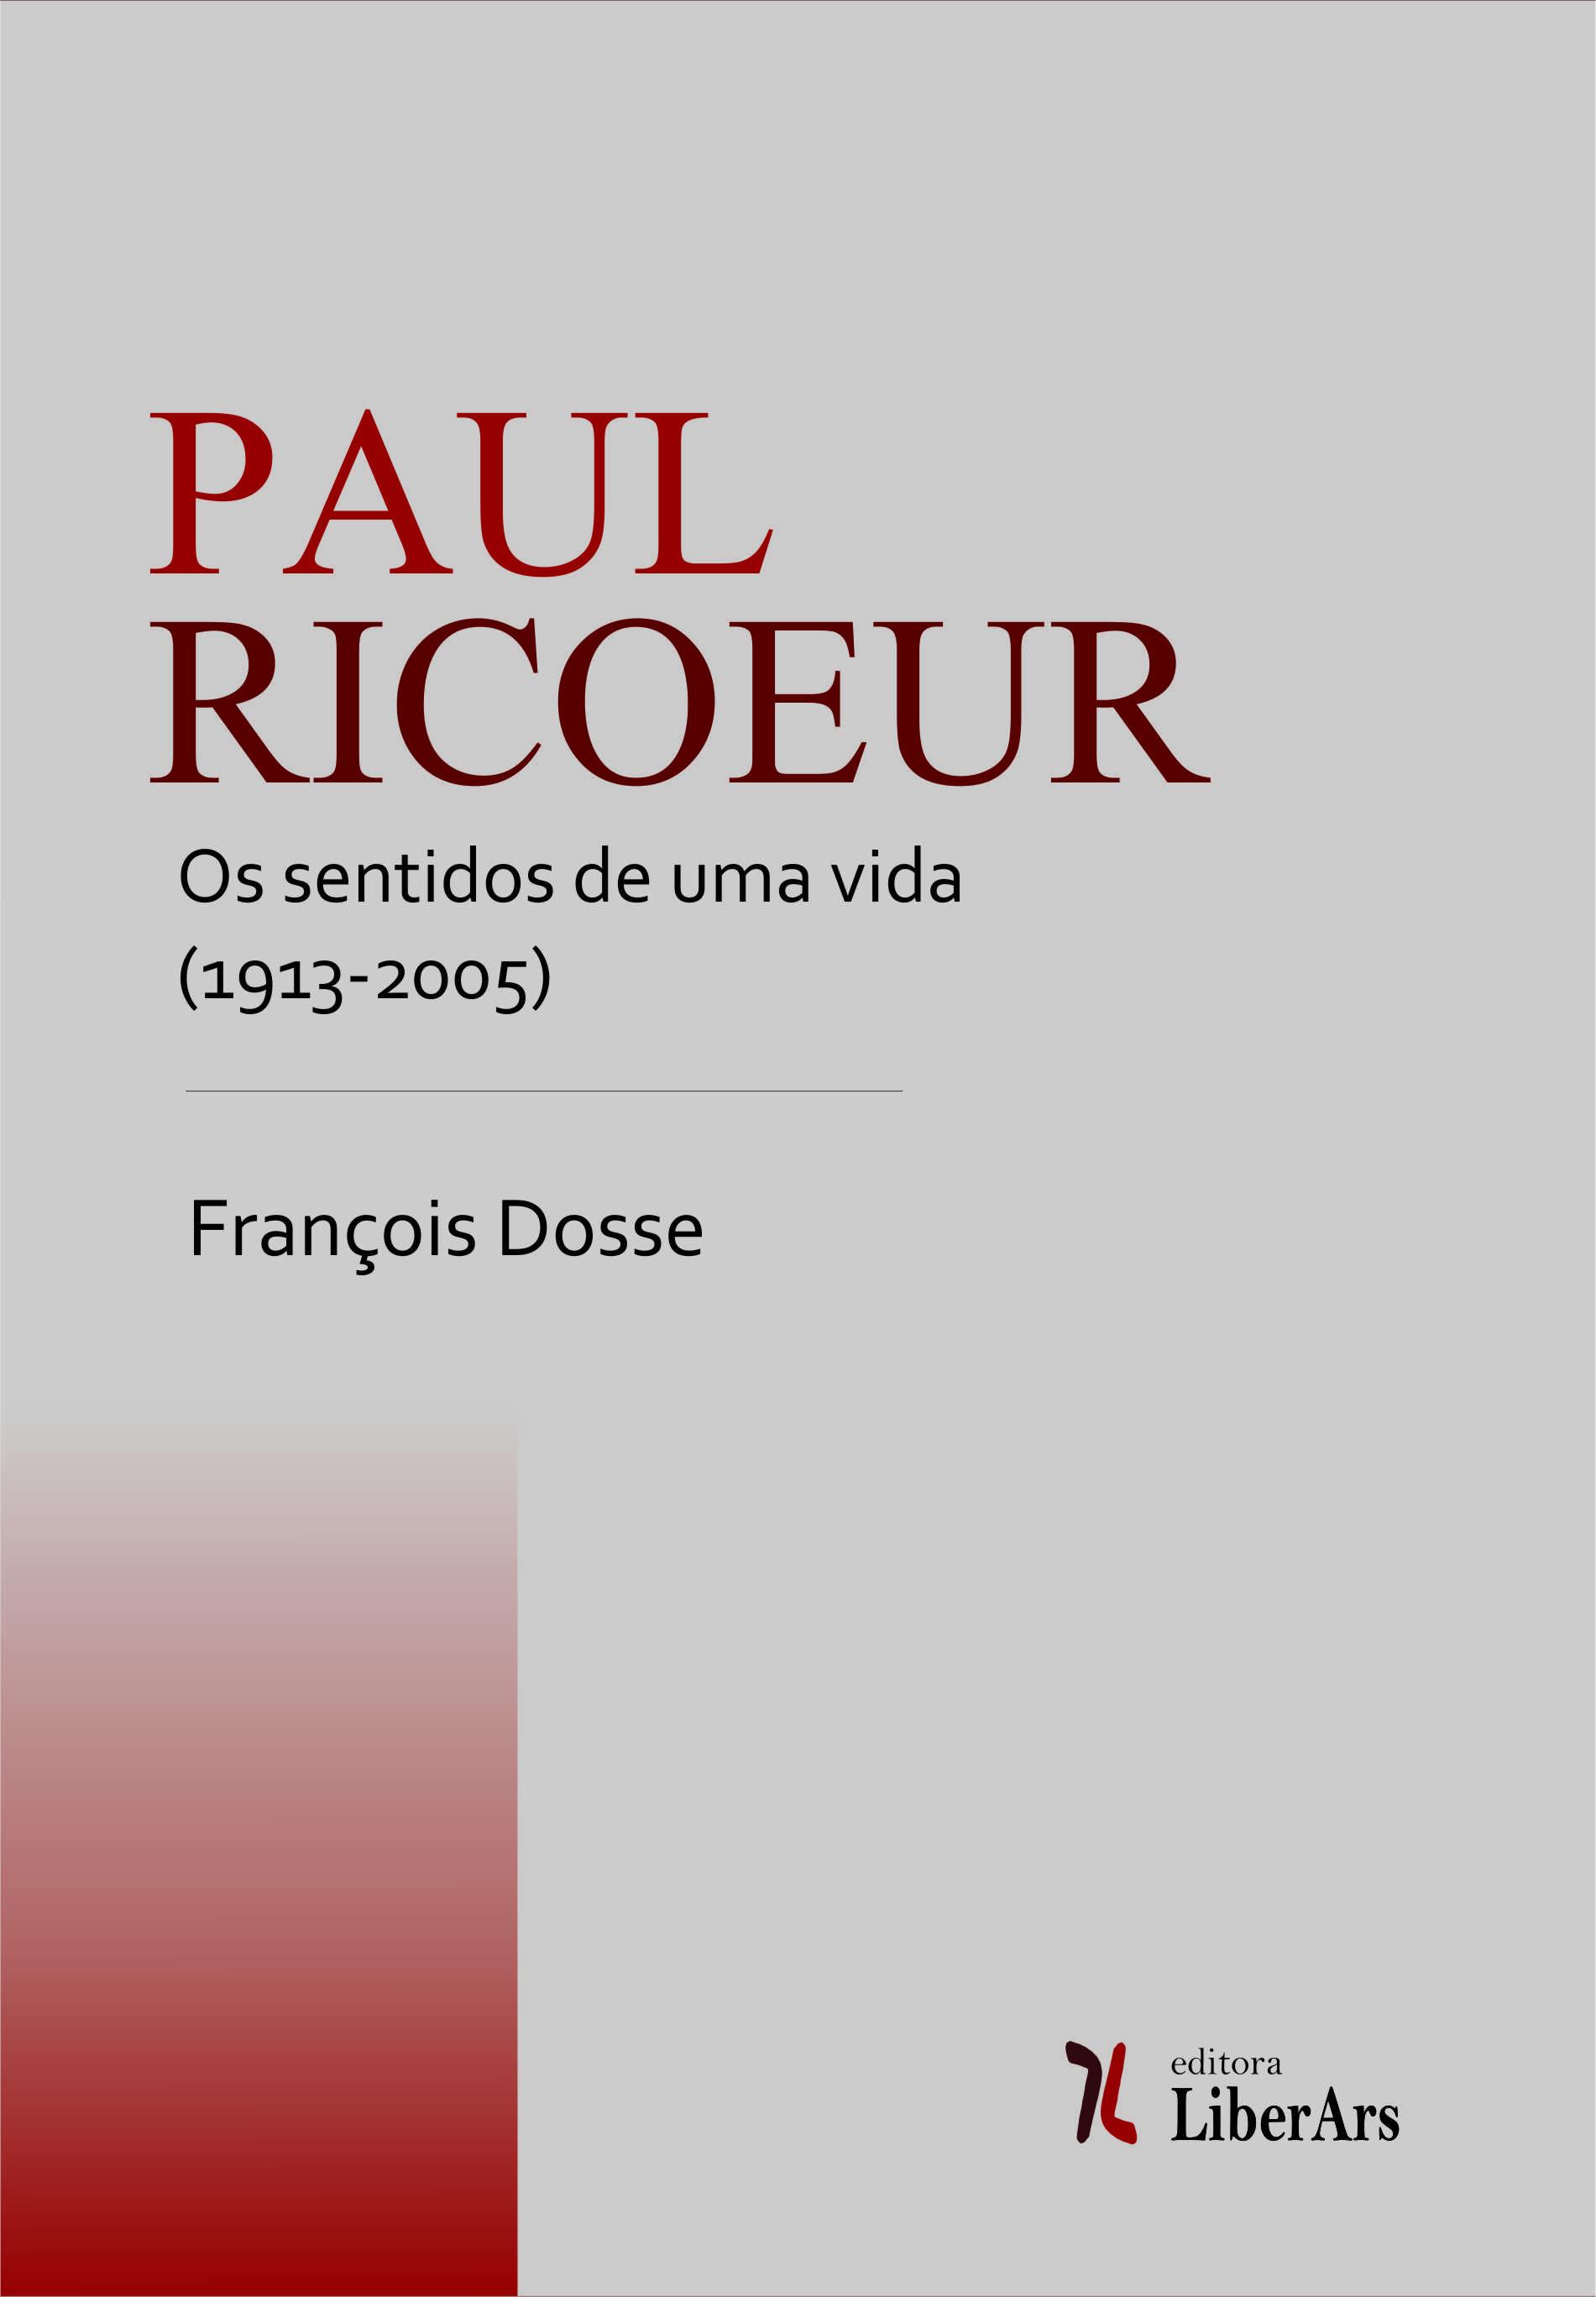 Paul Ricoeur: os sentidos de uma vida (1913-2005), livro de François Dosse